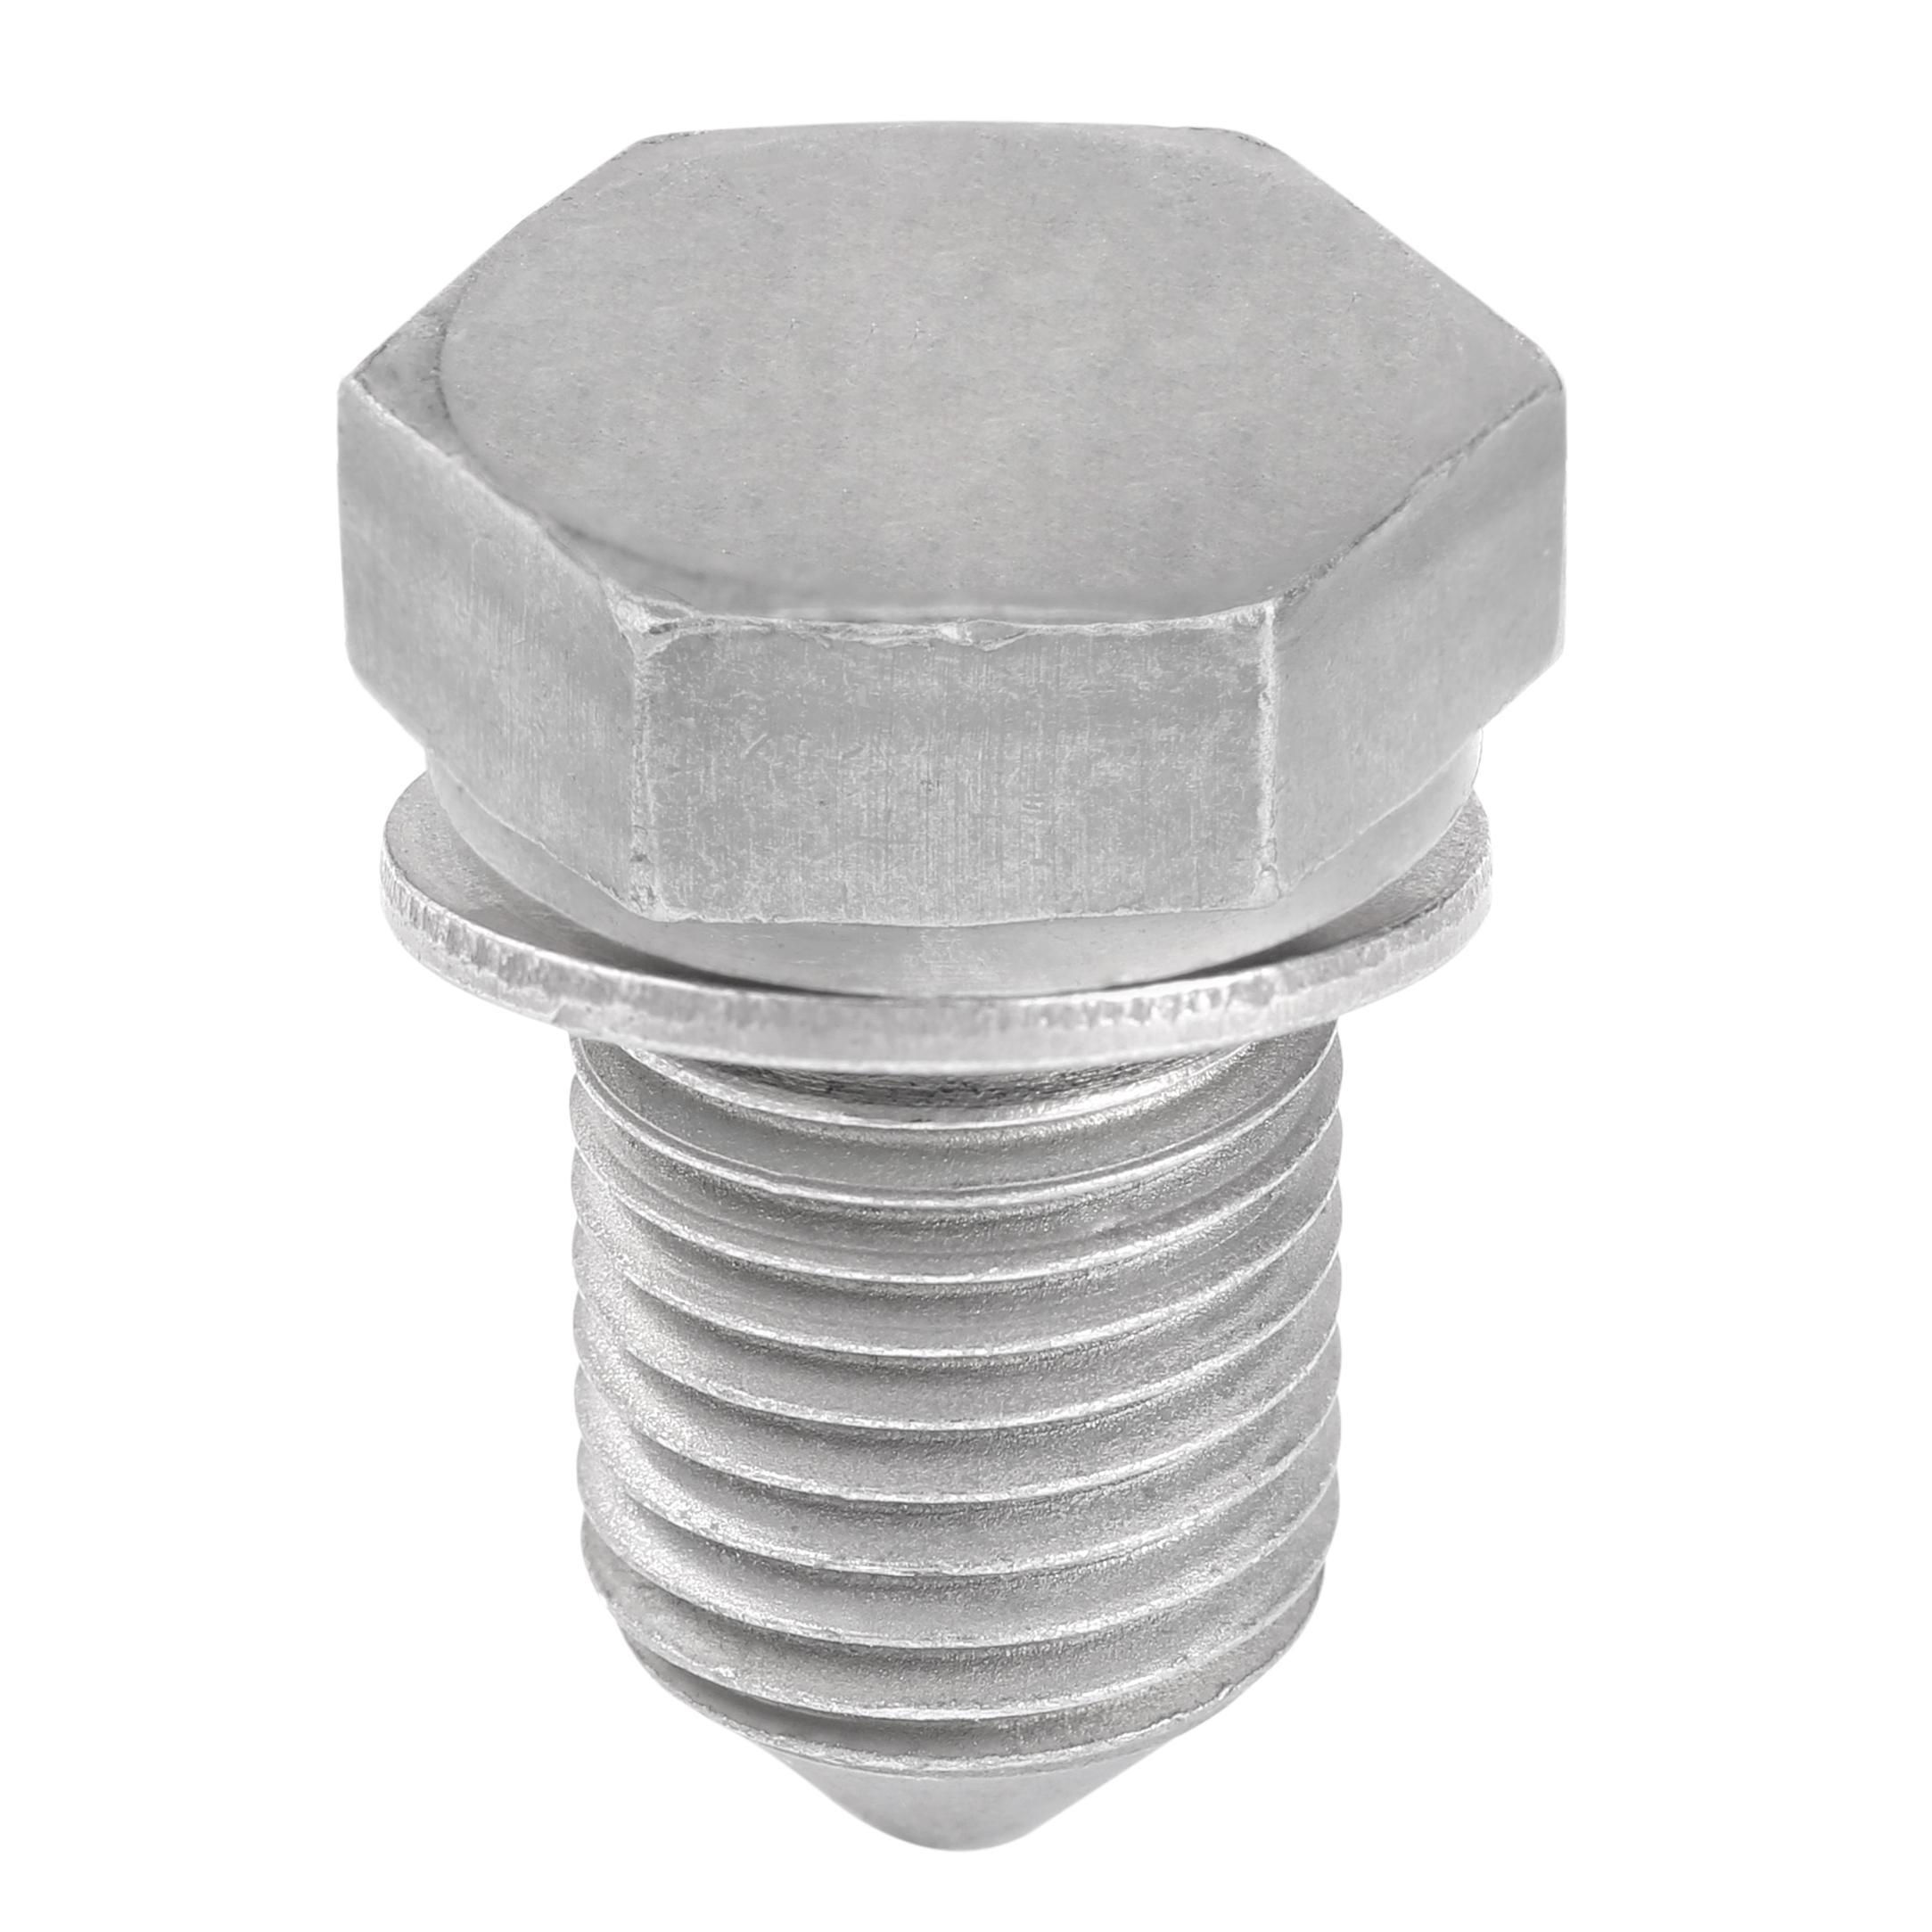 Oil drain plug RIDEX 593D0002 4059191567263